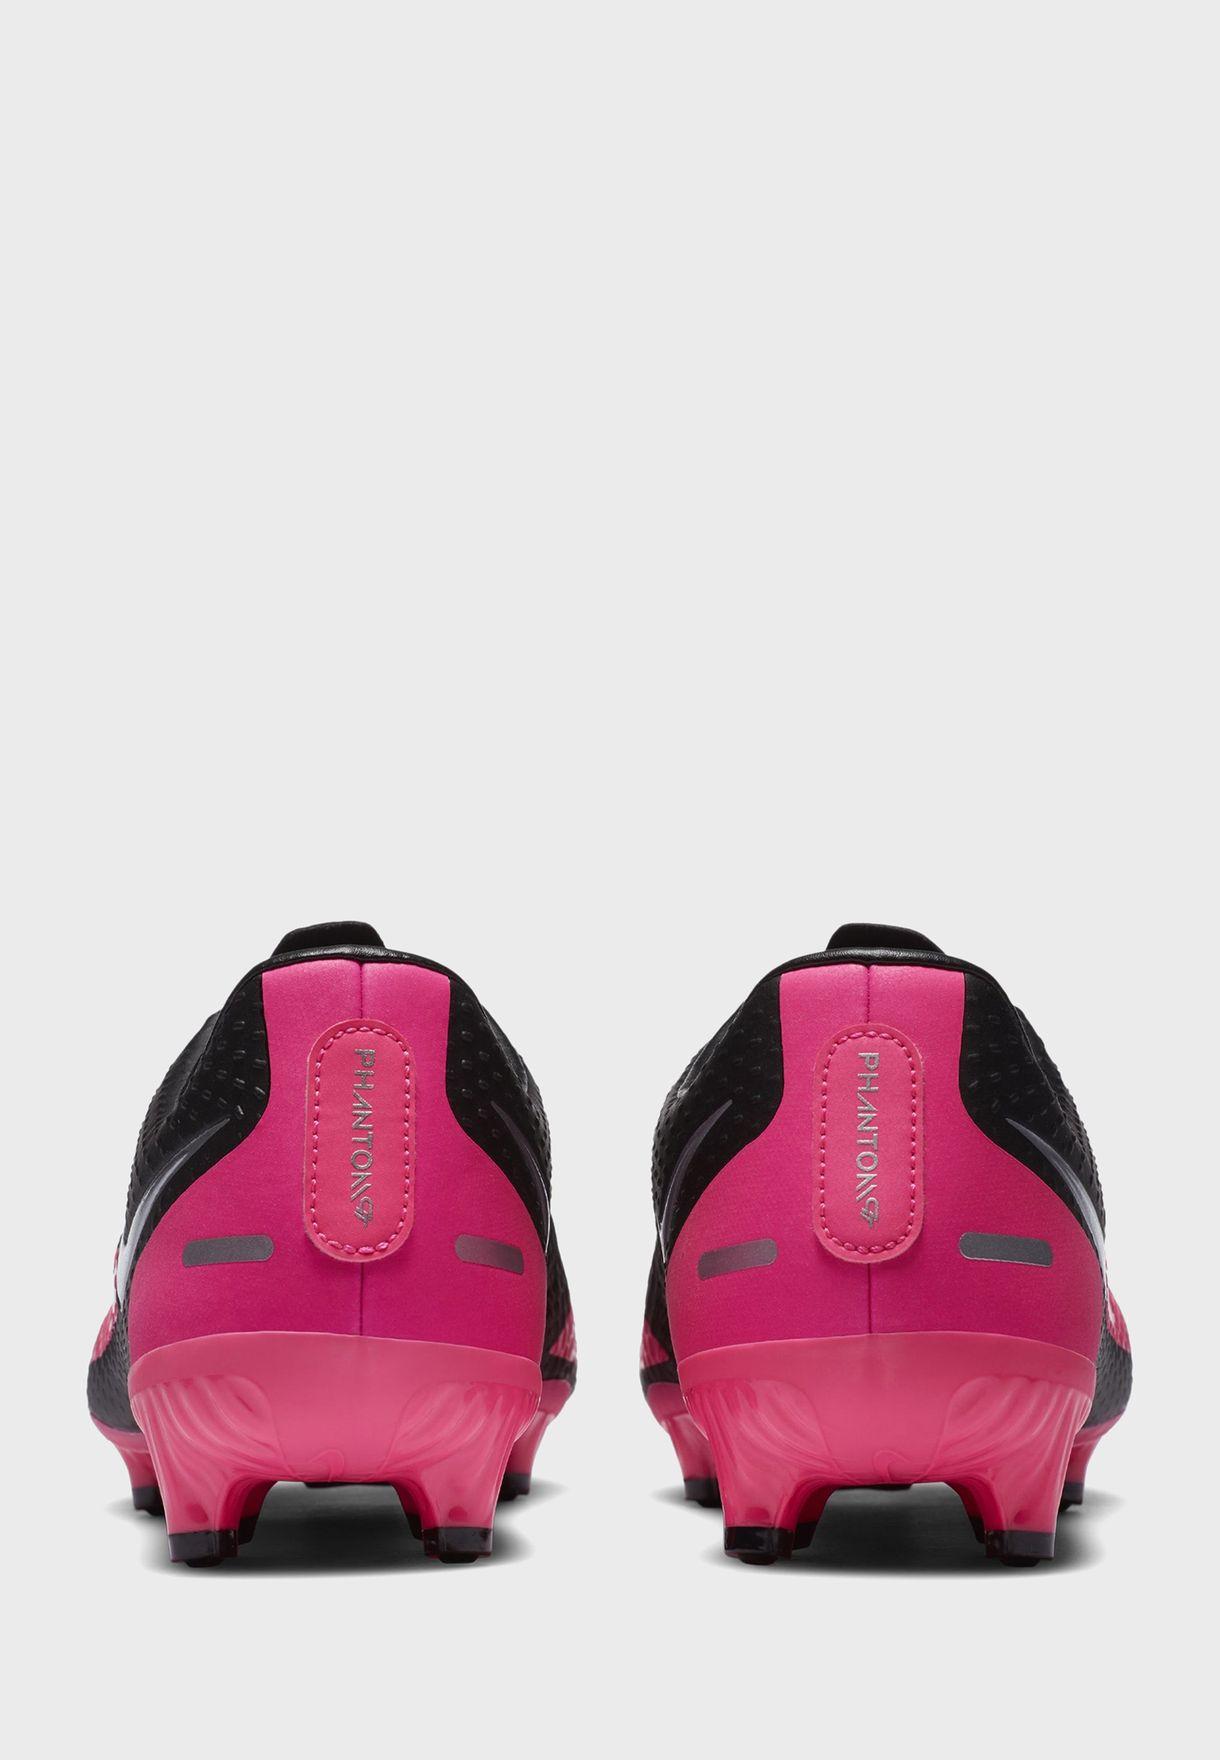 حذاء فانتوم جي تي اكاديمي ف جي / إم جي